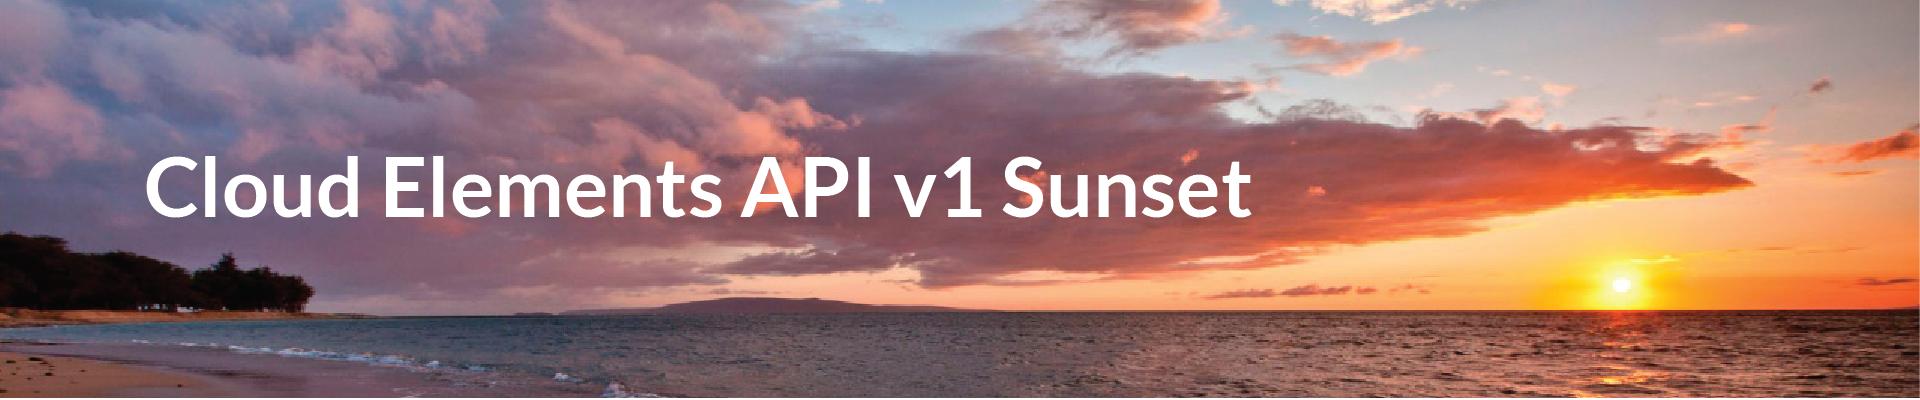 API v1 Sunset